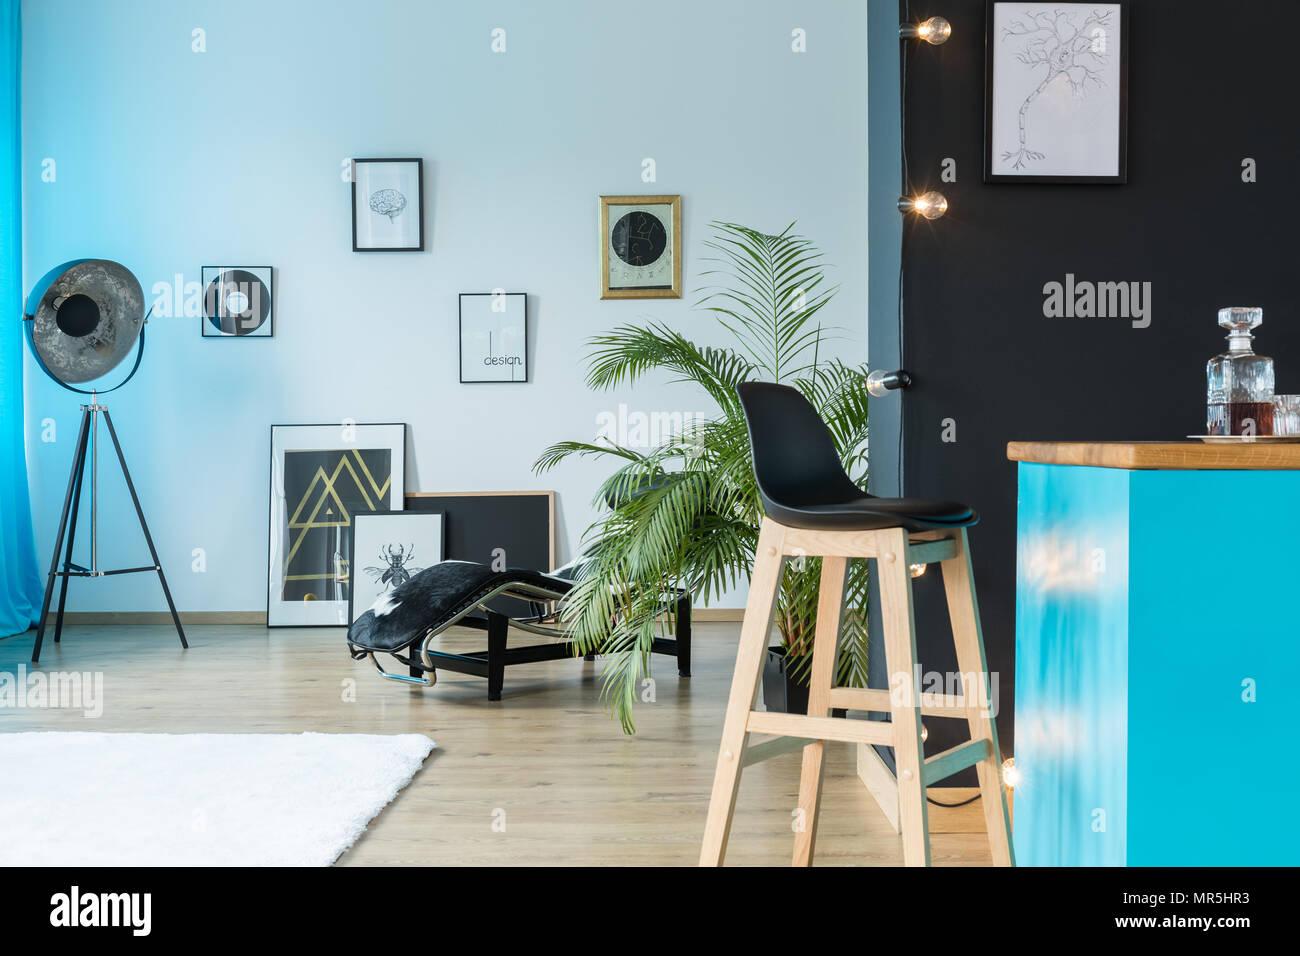 Dischi in vinile e designer lampada in studio spazioso con